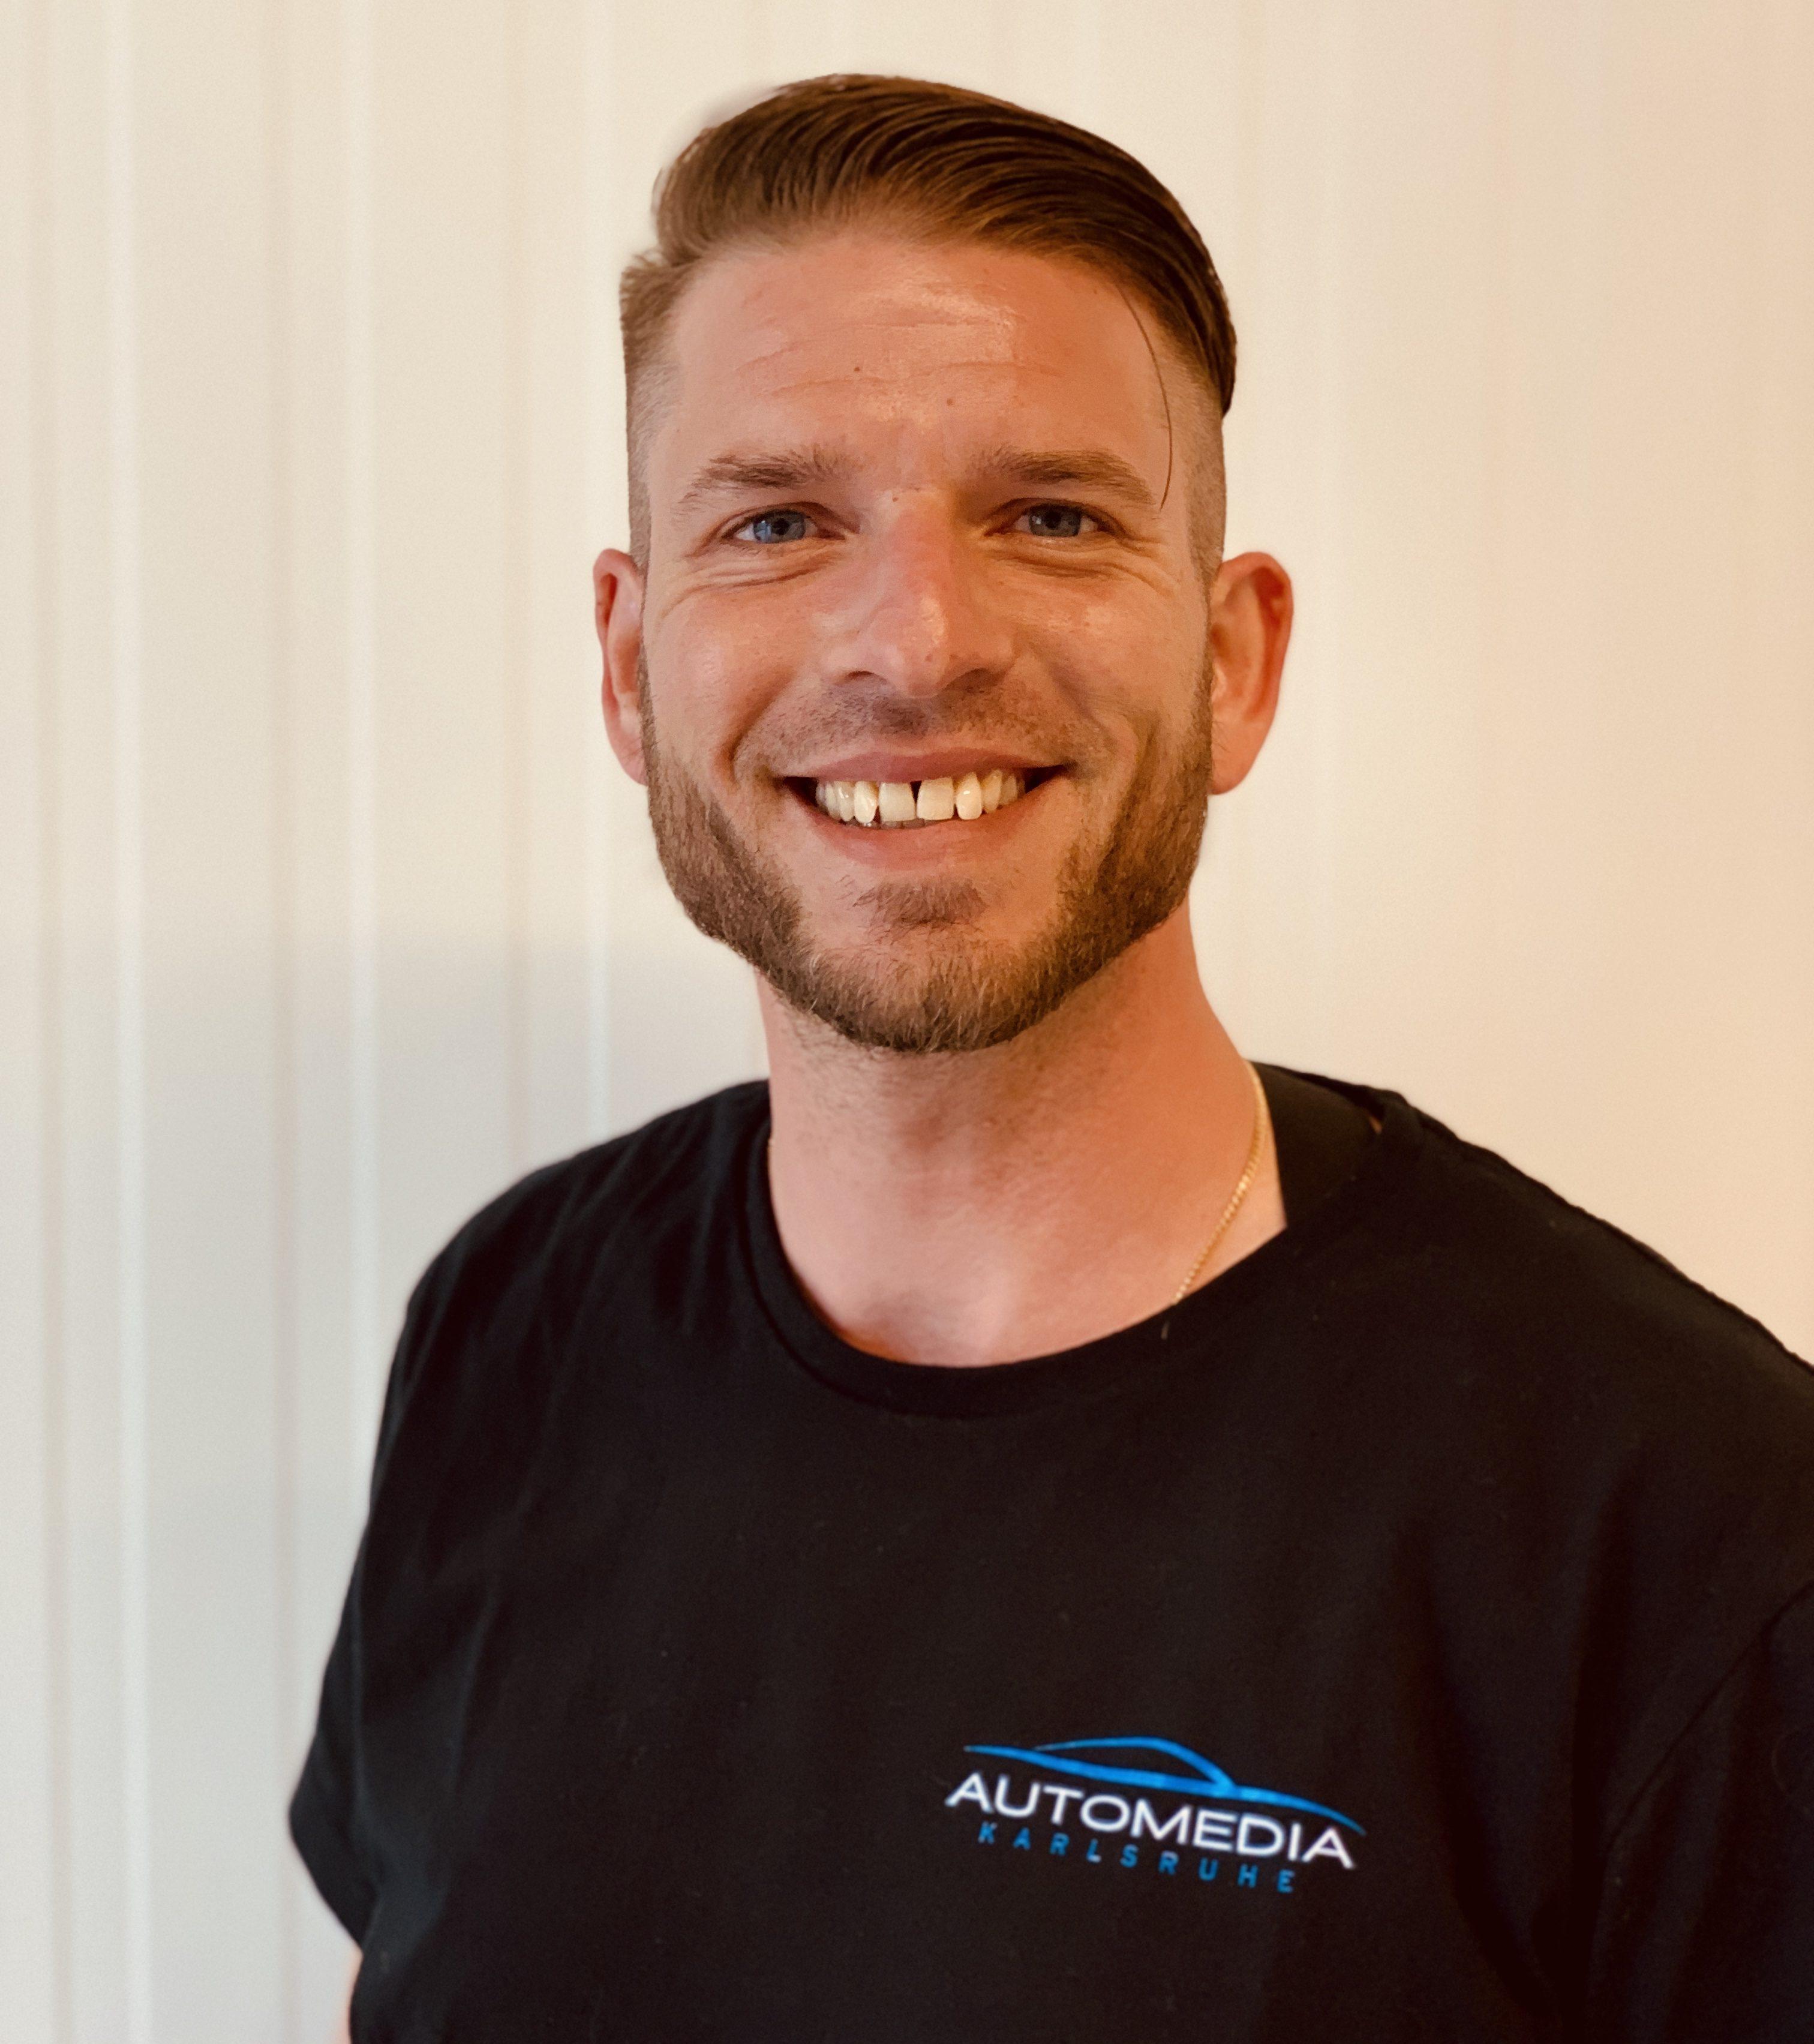 Hier sehen Sie einen der Inhaber von Automedia Karlsruhe Christian Langen